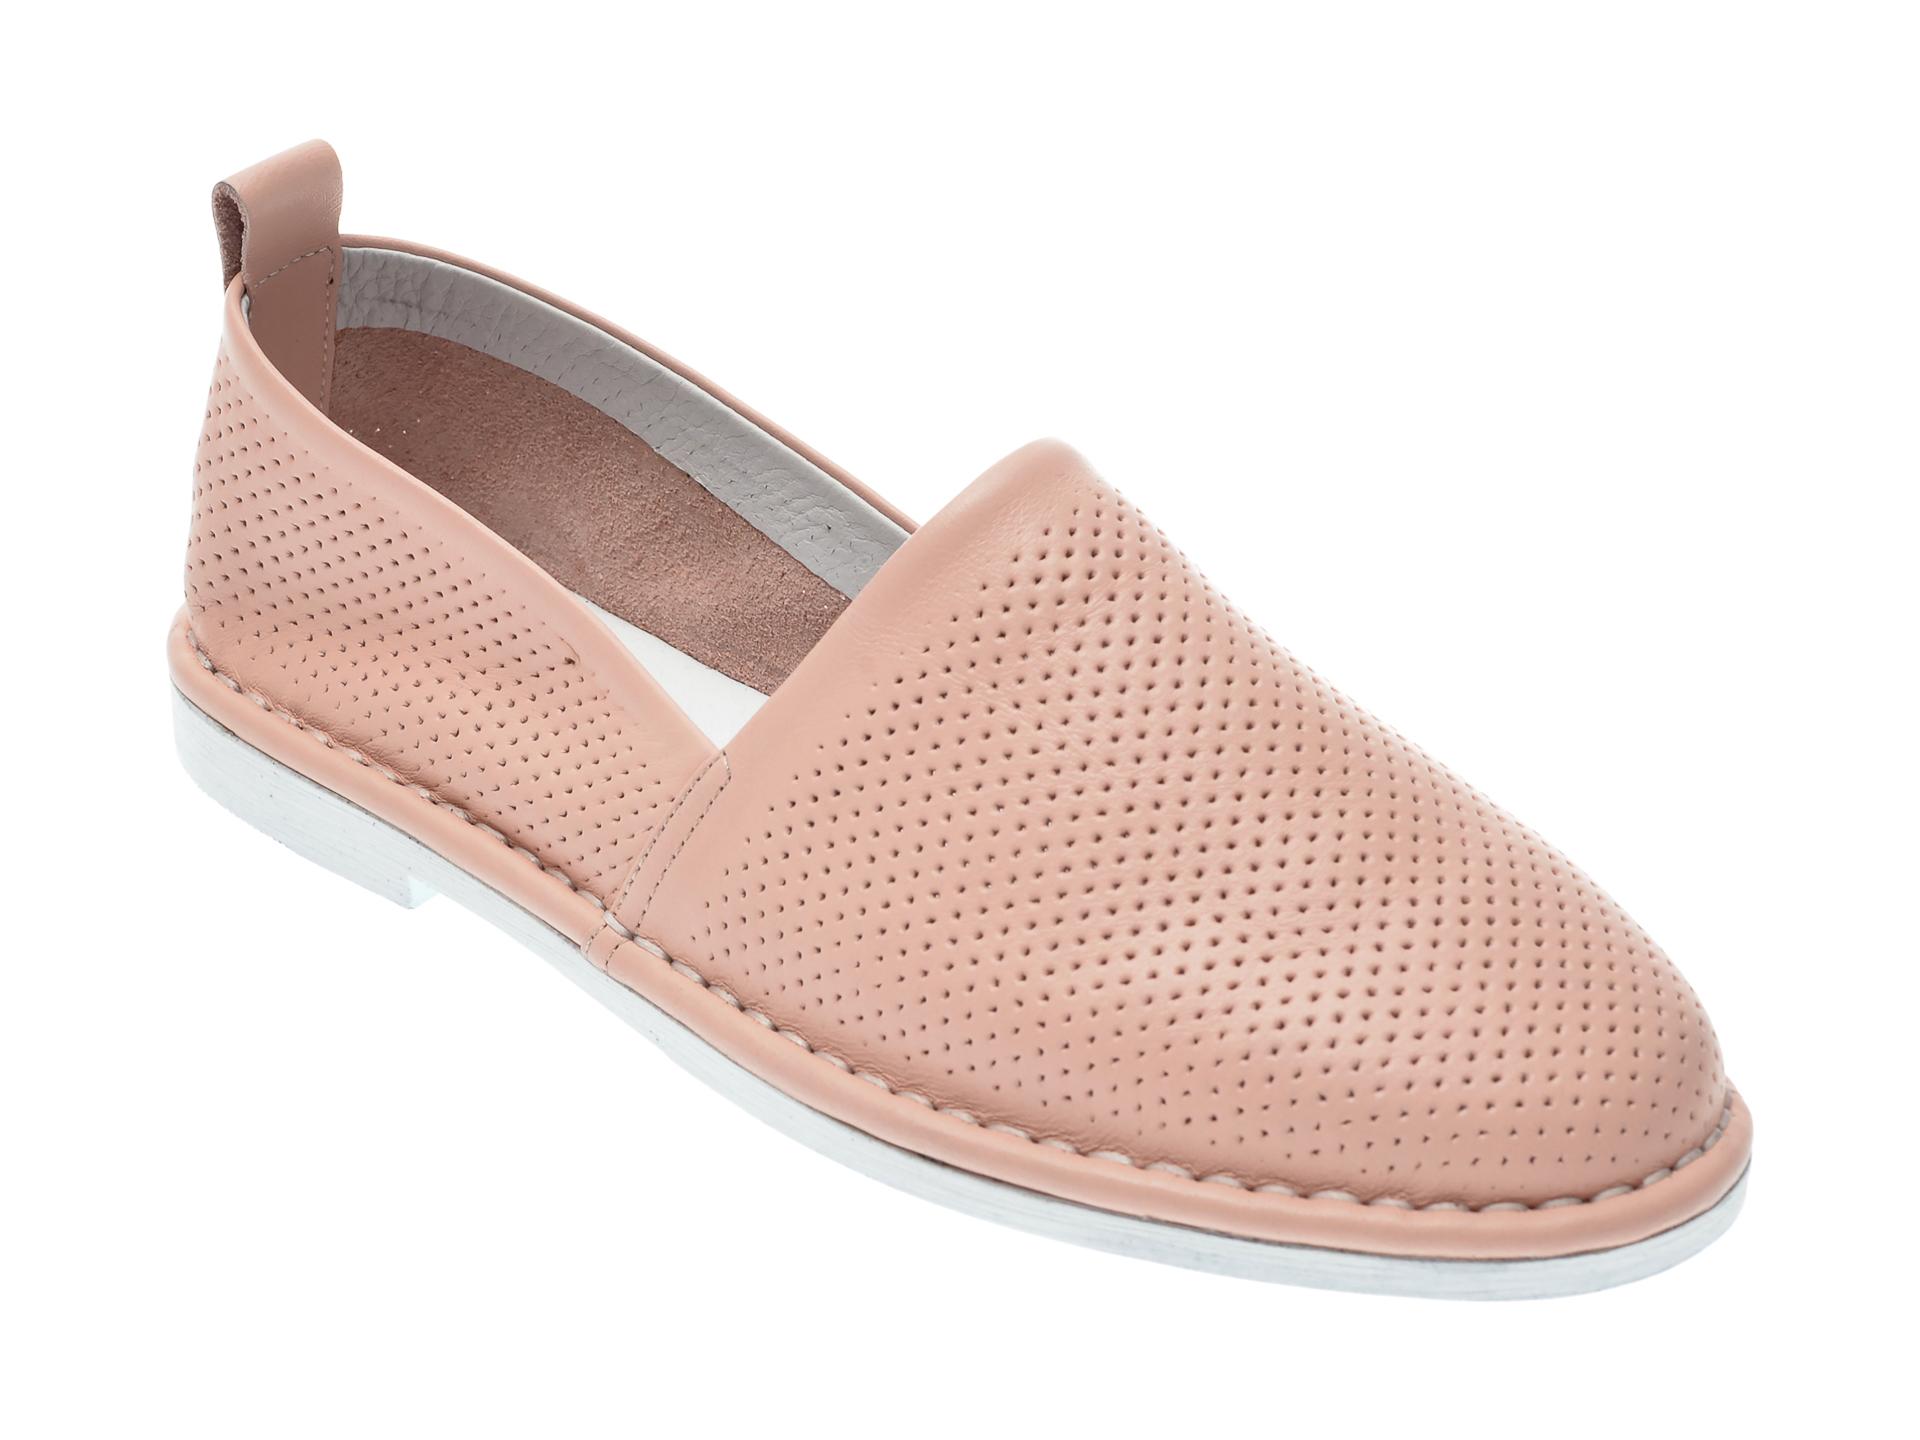 Pantofi LE BERDE nude, 4, din piele naturala imagine otter.ro 2021